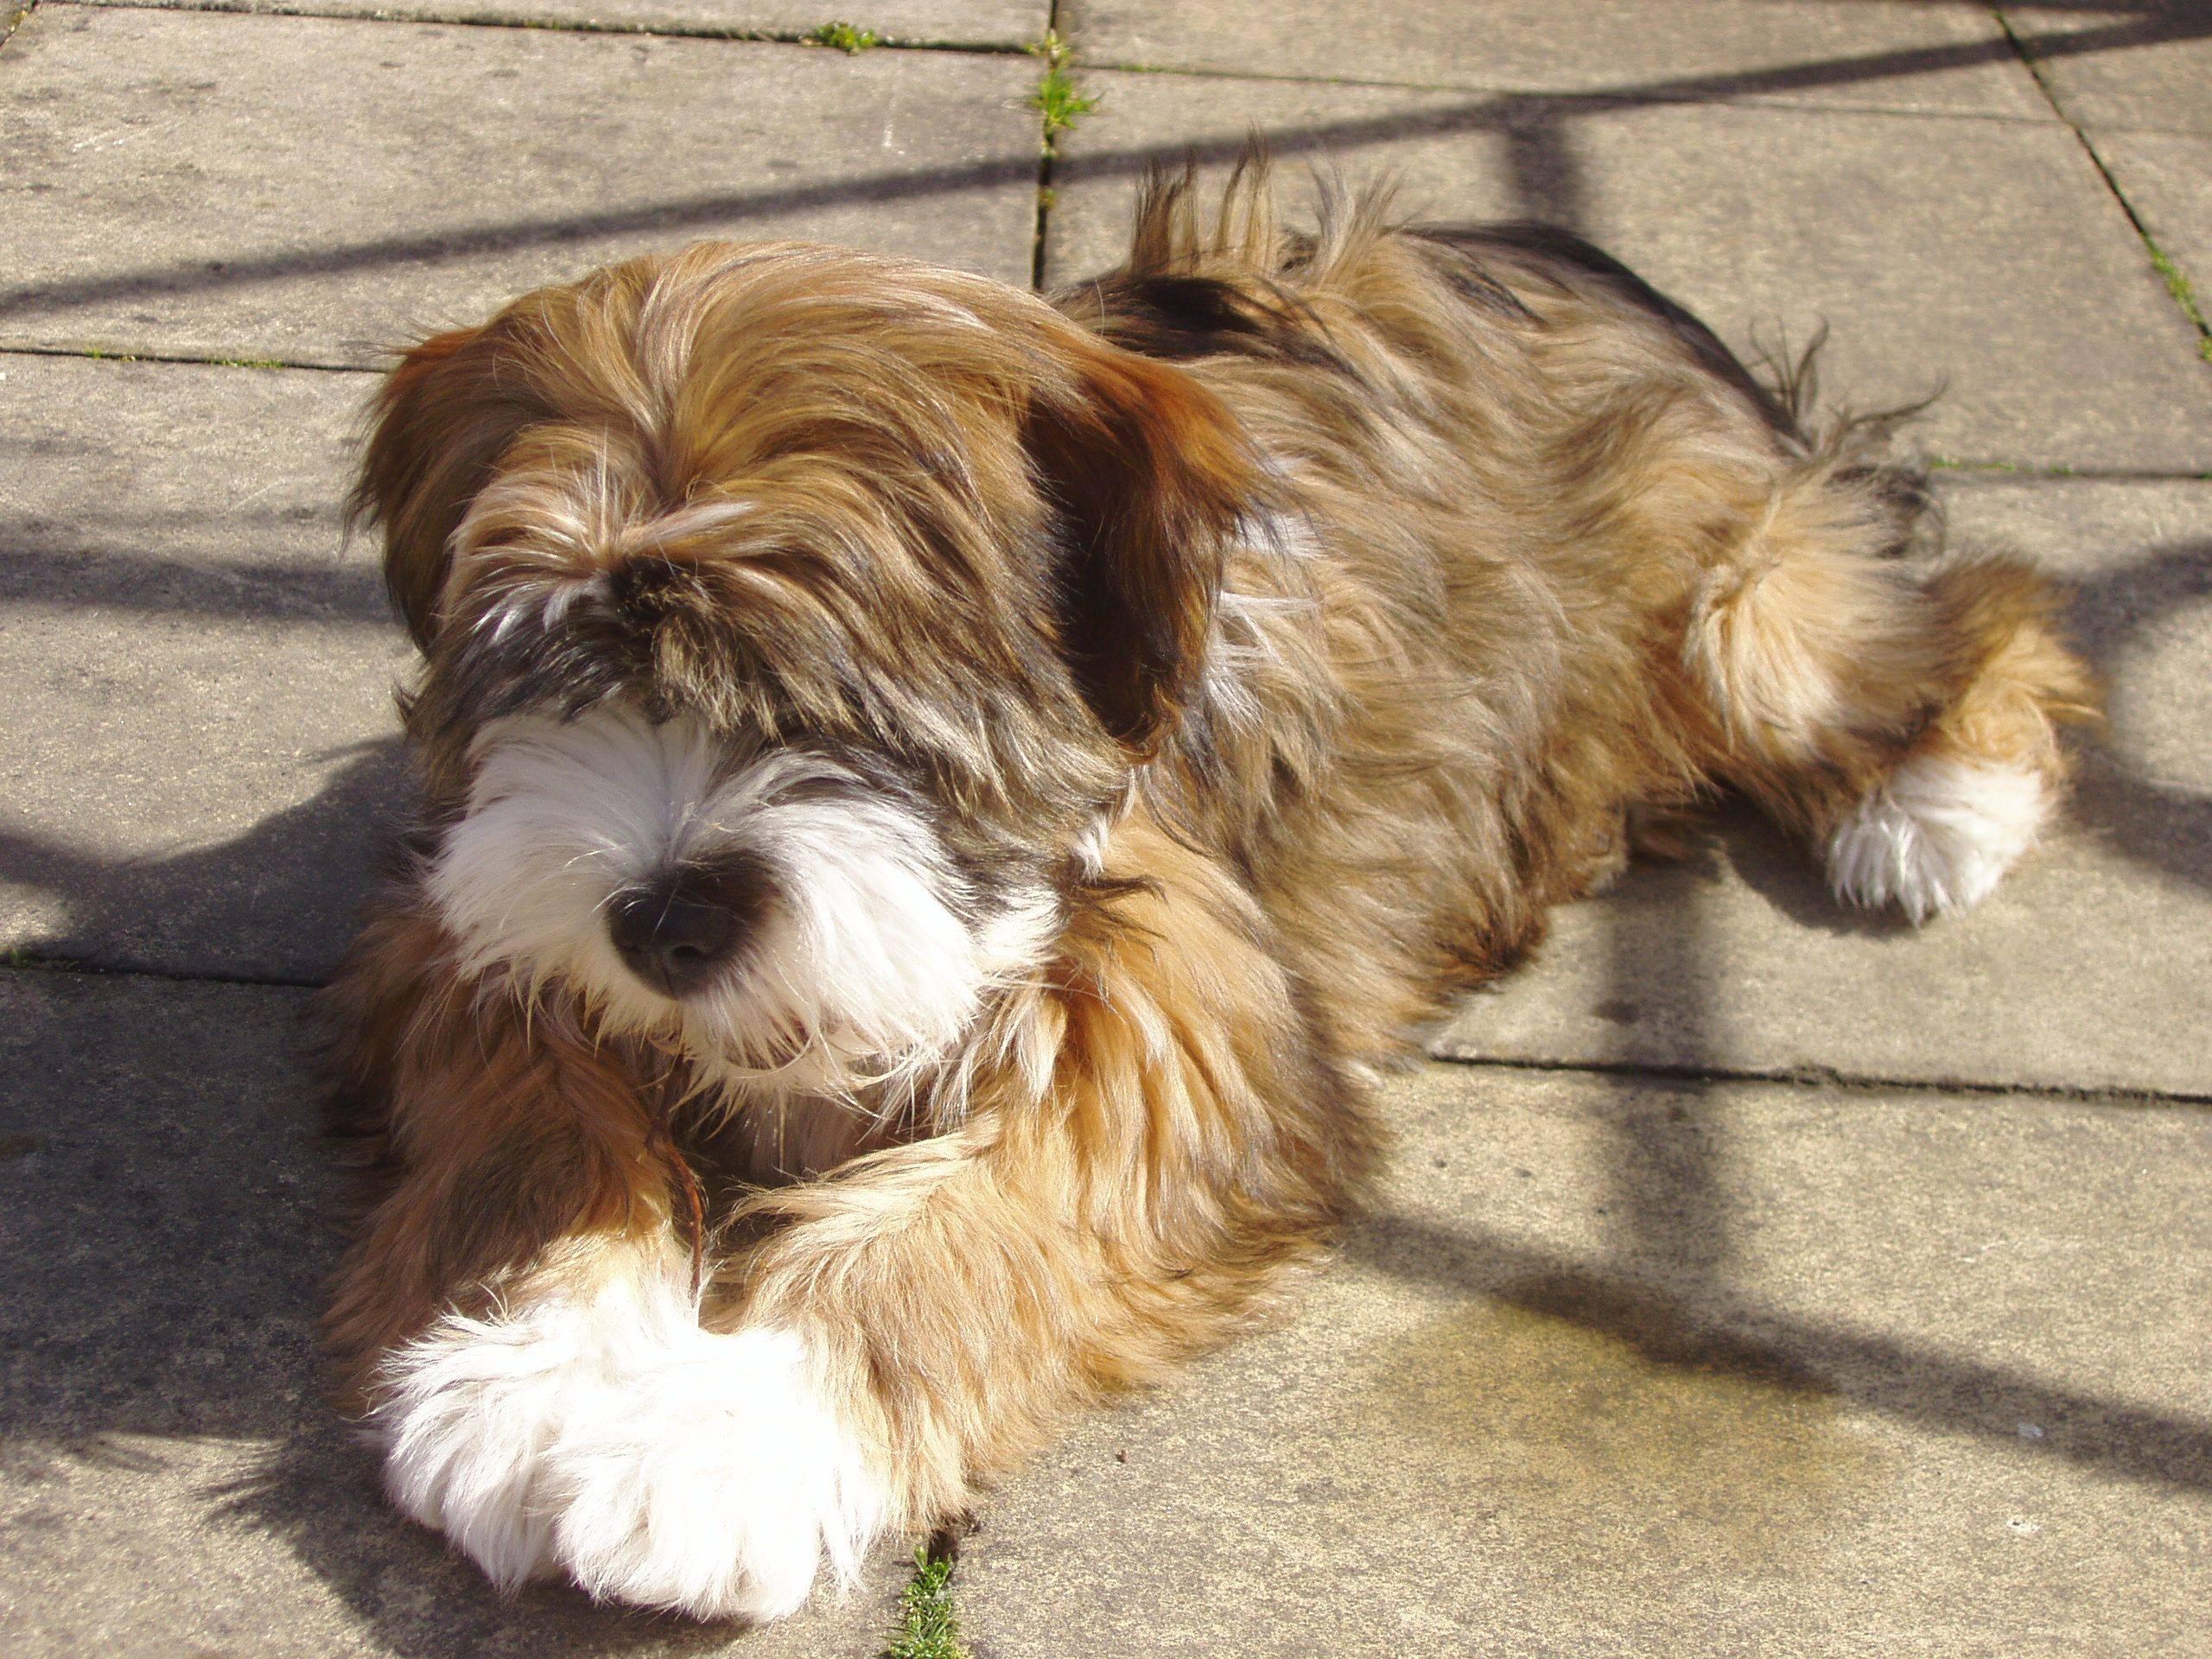 Йоркширский терьер: все о собаке, фото, описание породы, характер, цена